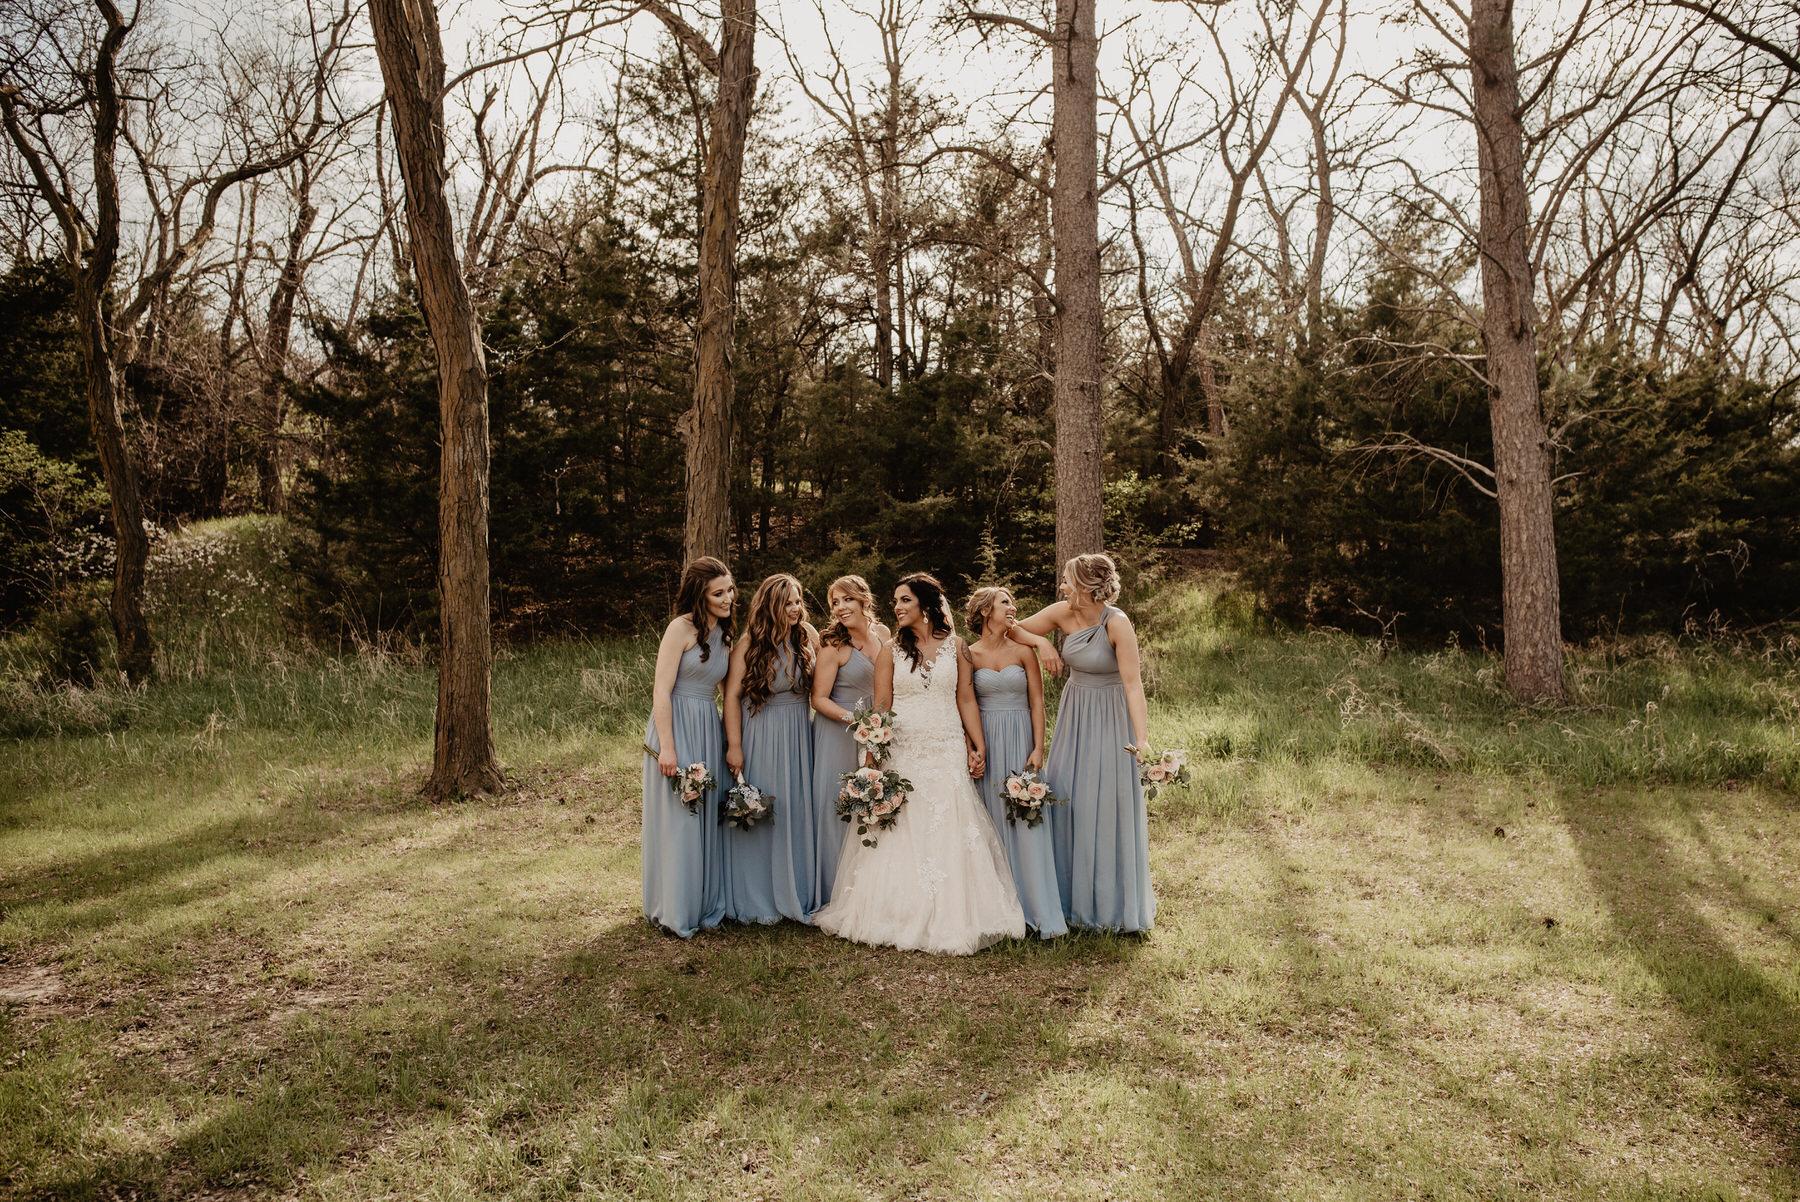 Kaylie-Sirek-Photography-Kearney-Nebraska-Wedding-067.jpg